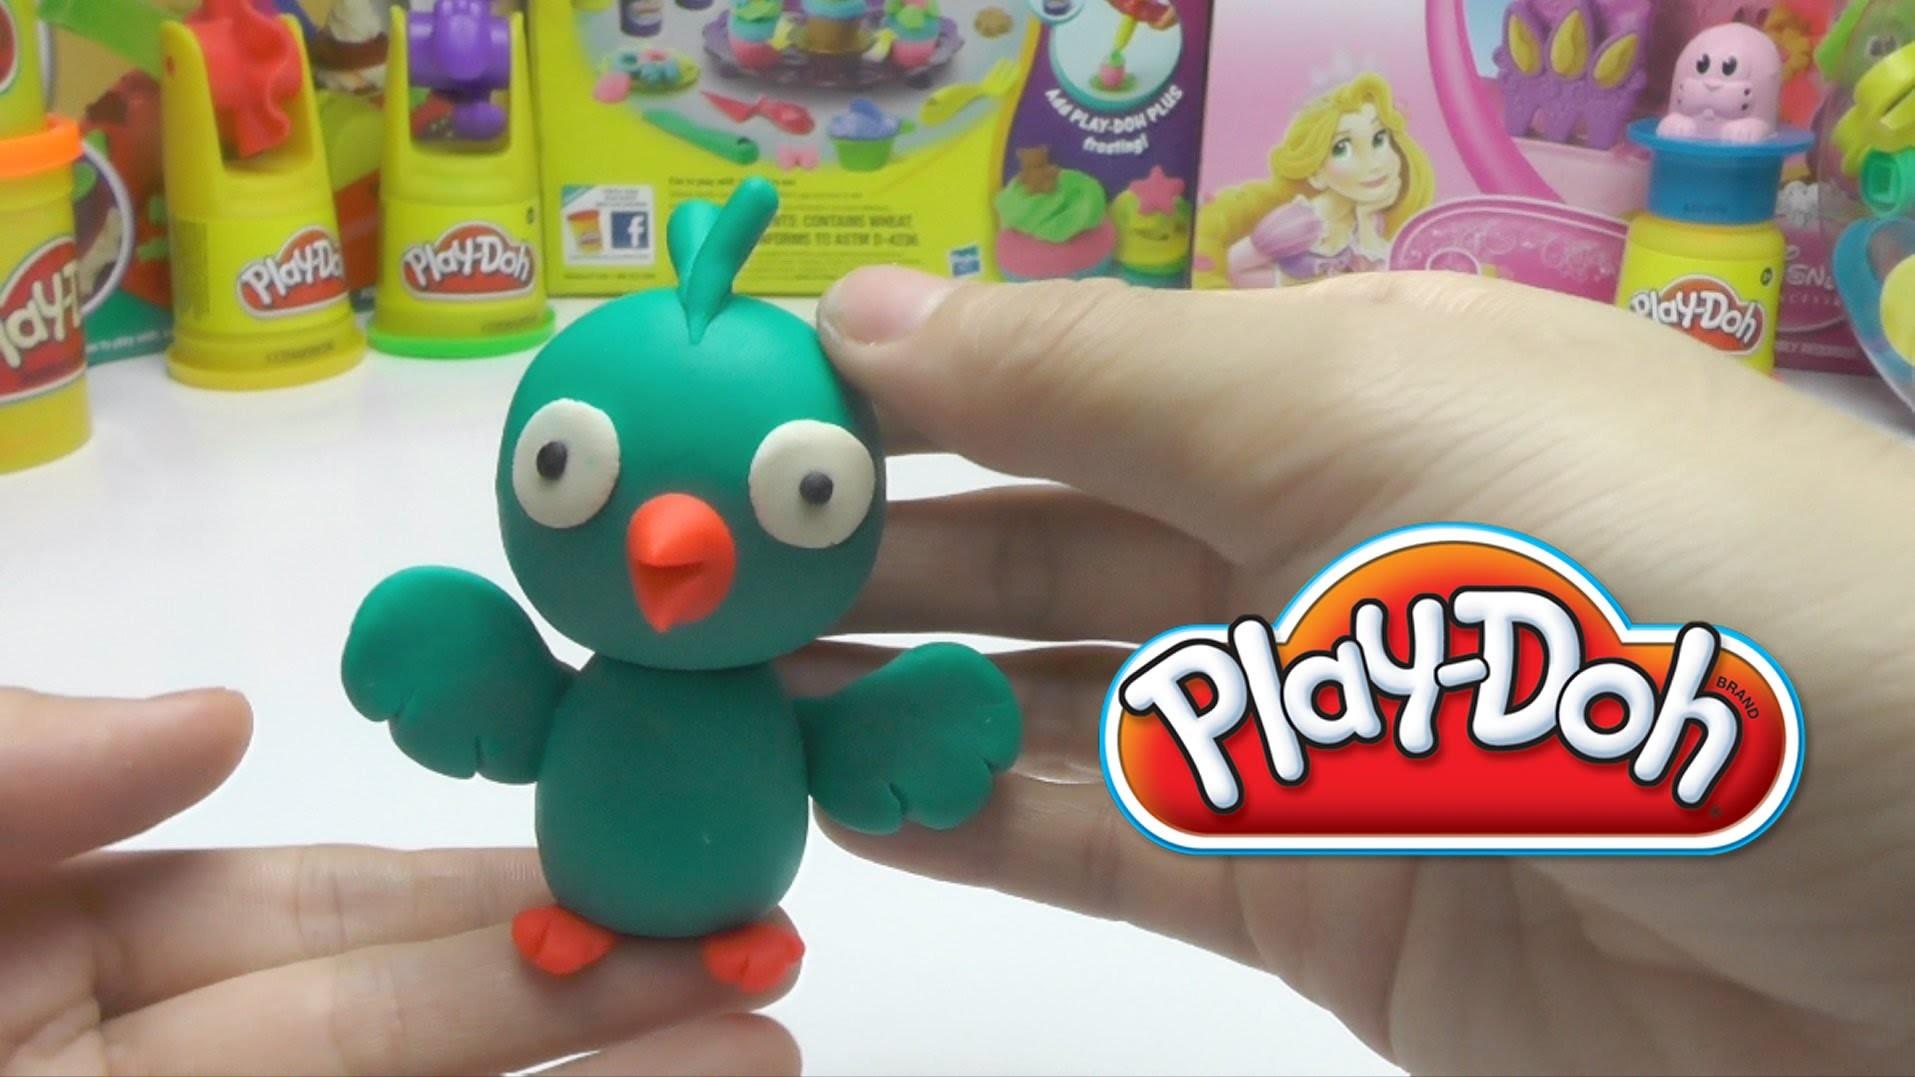 Play-Doh  - How to Make a Green Twitter Bird DIY